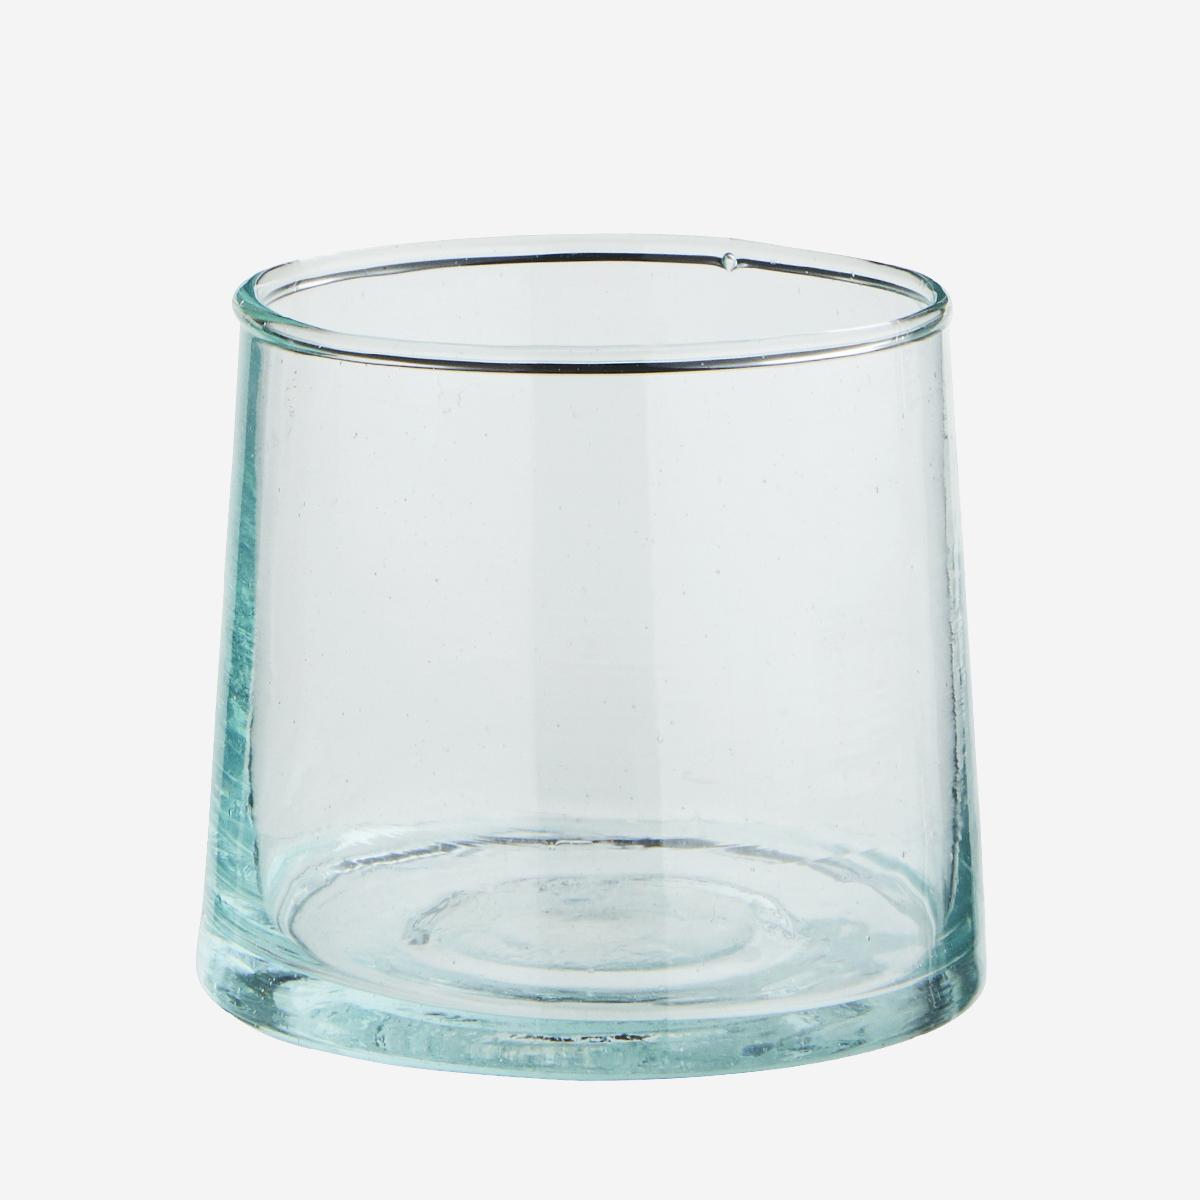 Verre Beldi court transparent (verre recyclé) * Madam Stoltz